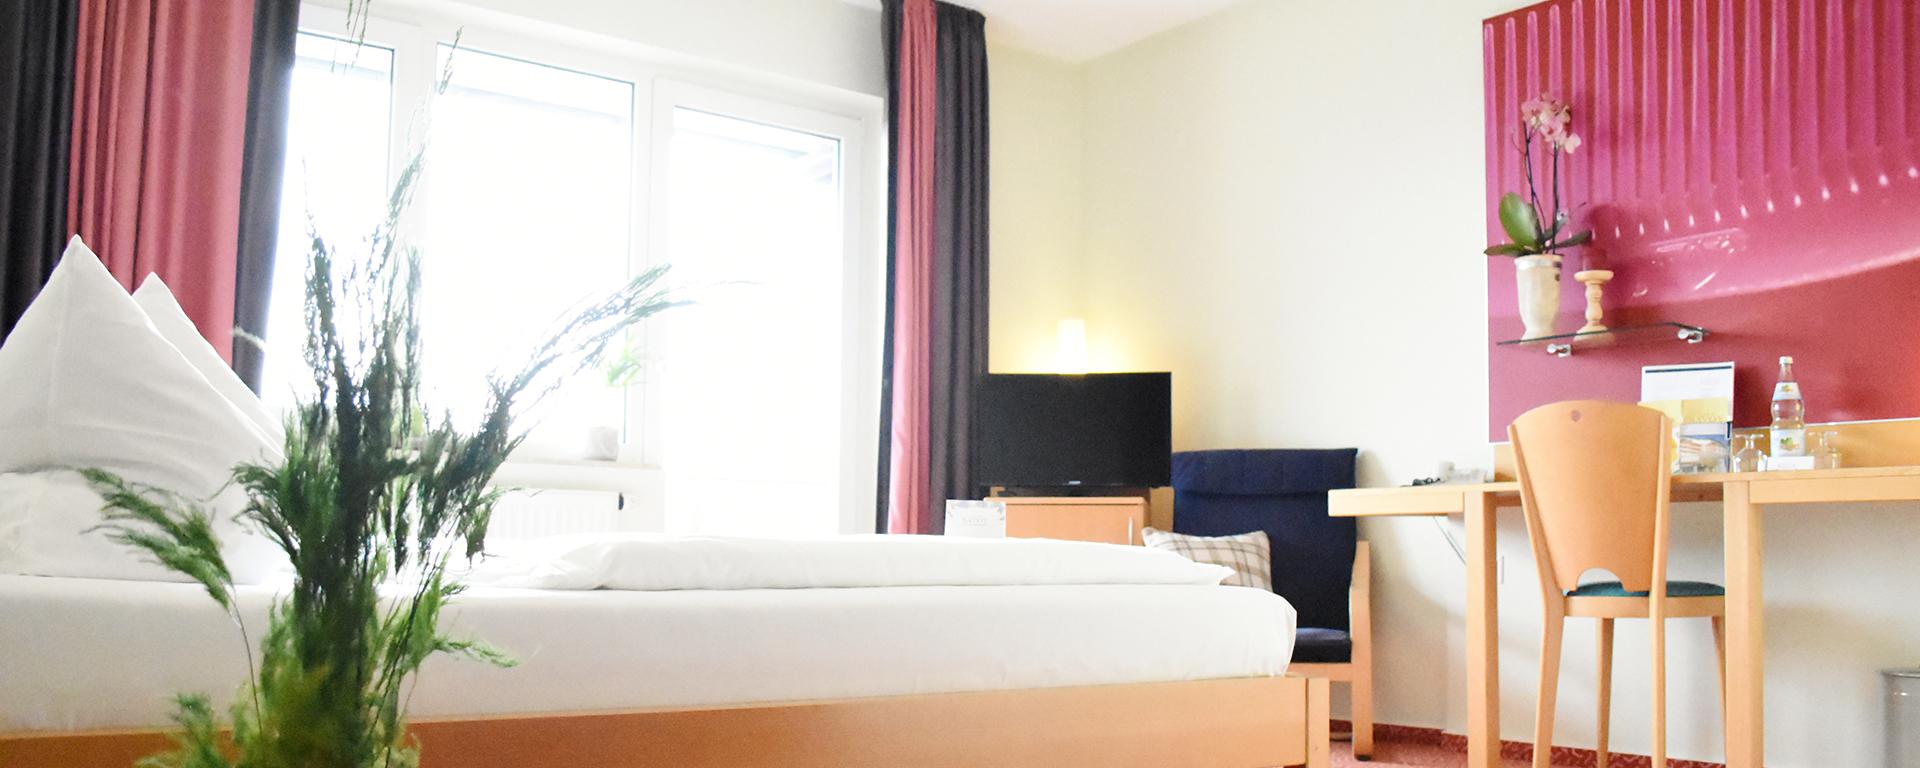 Buchen Sie direkt zum Bestpreis! Hotel SAVOY - Zimmer, Übernachtung, Unterkunft, Kurzurlaub, in Bad Mergentheim im Taubertal